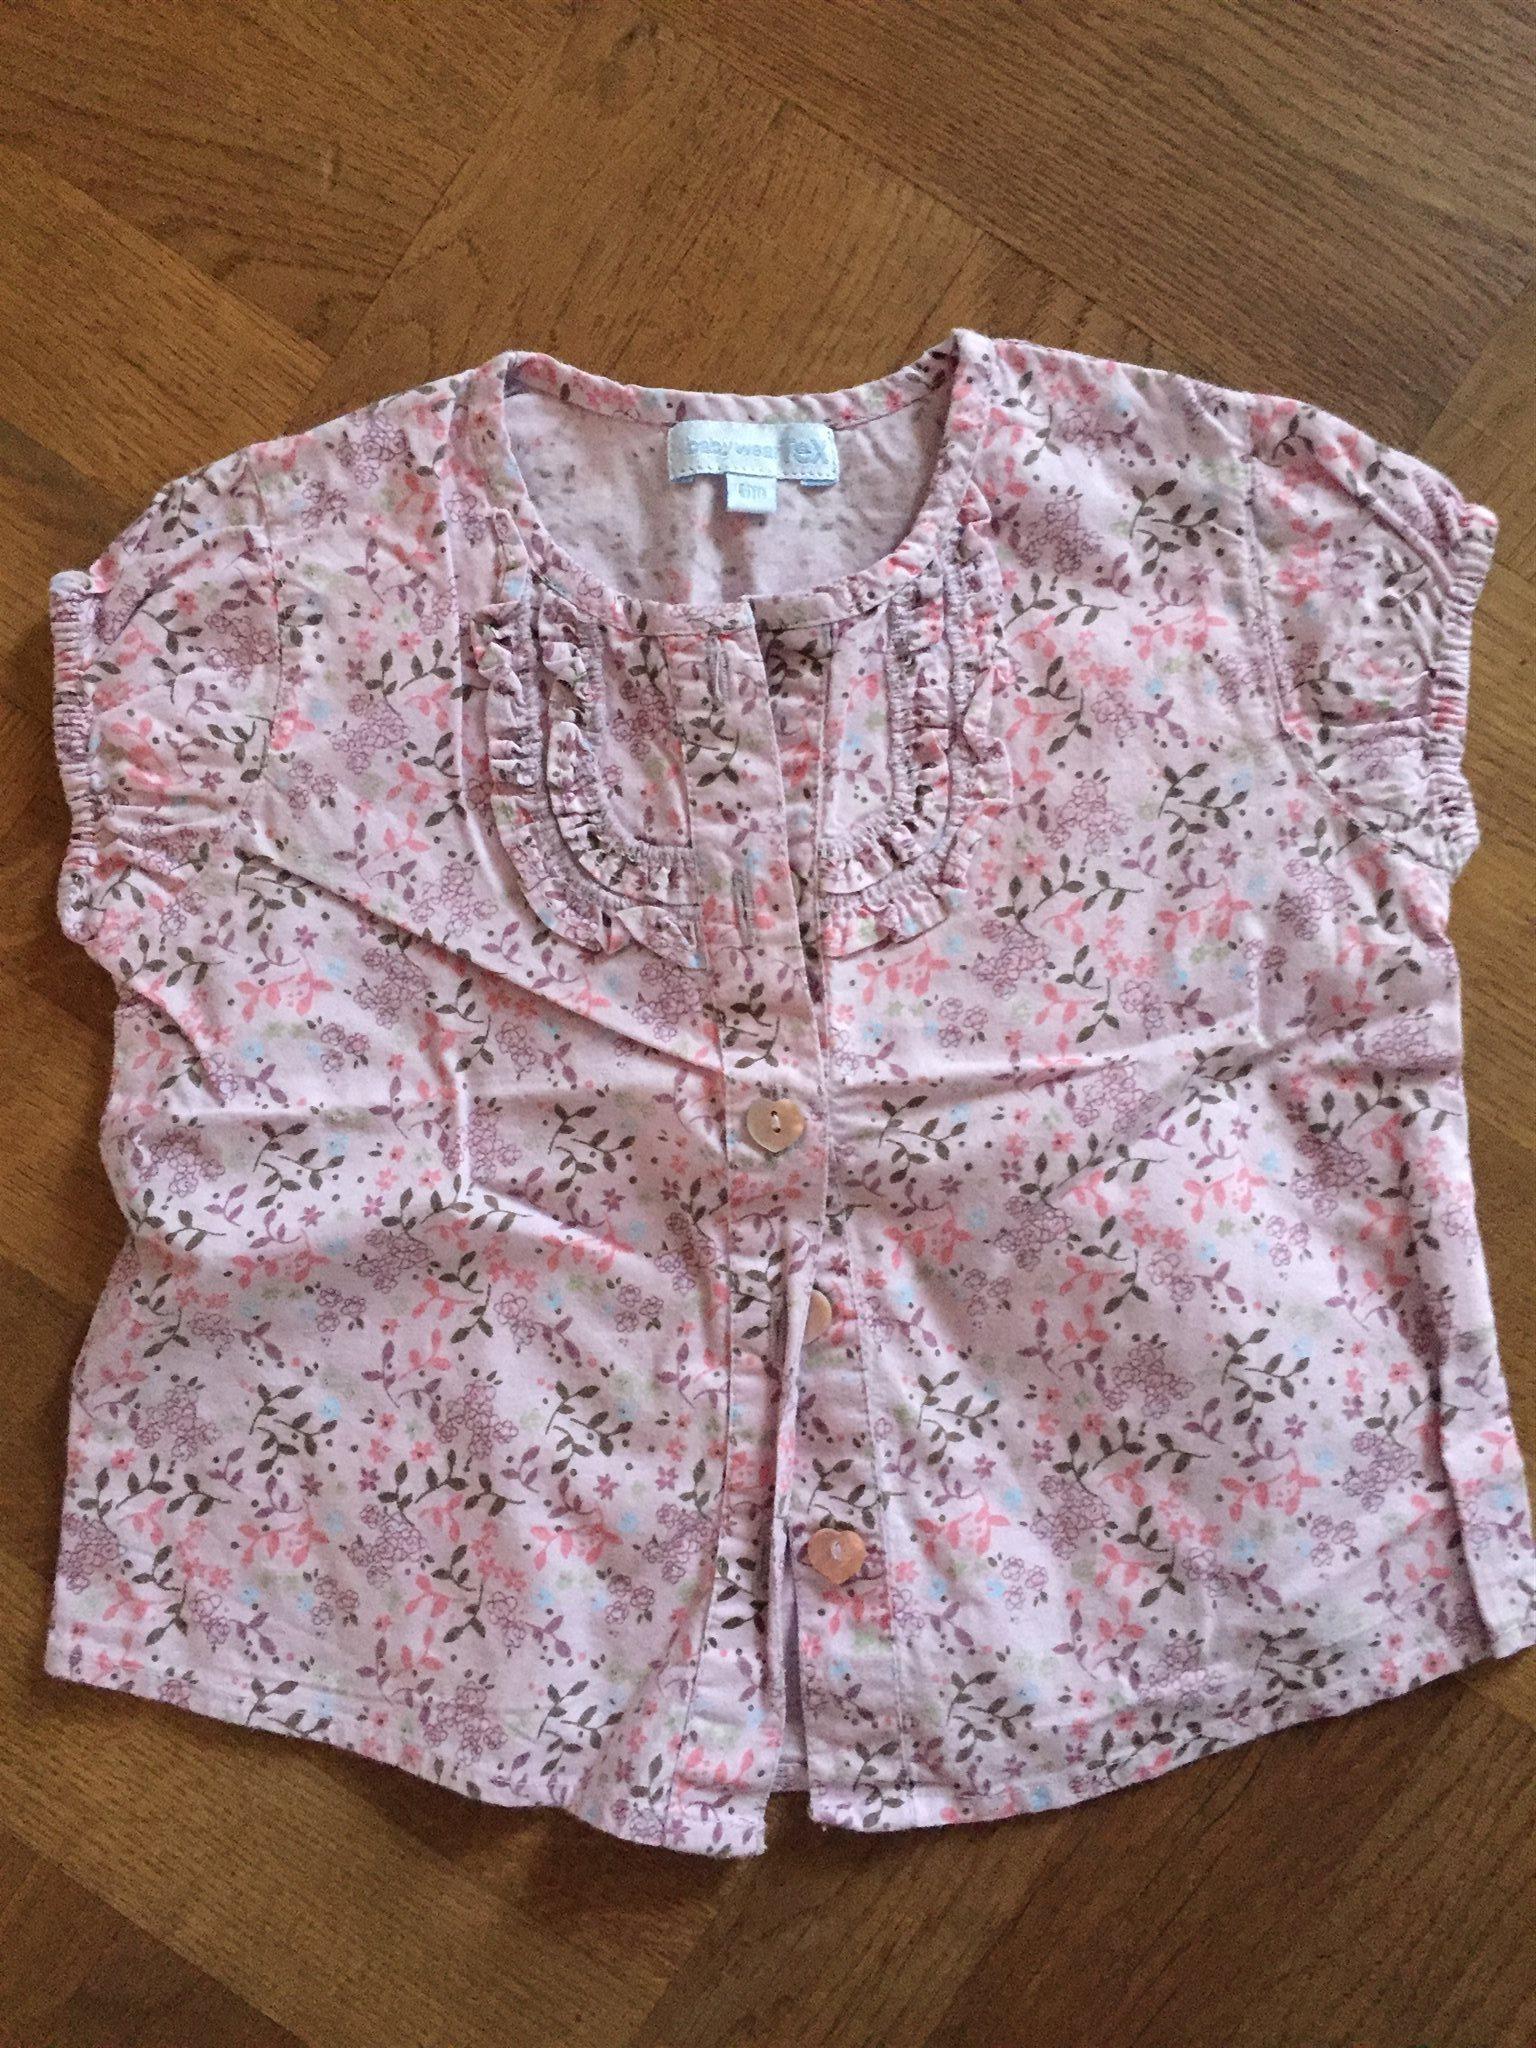 bf44a93d0779 Rosa blommig topp, storlek 6 månader (355595027) ᐈ Köp på Tradera